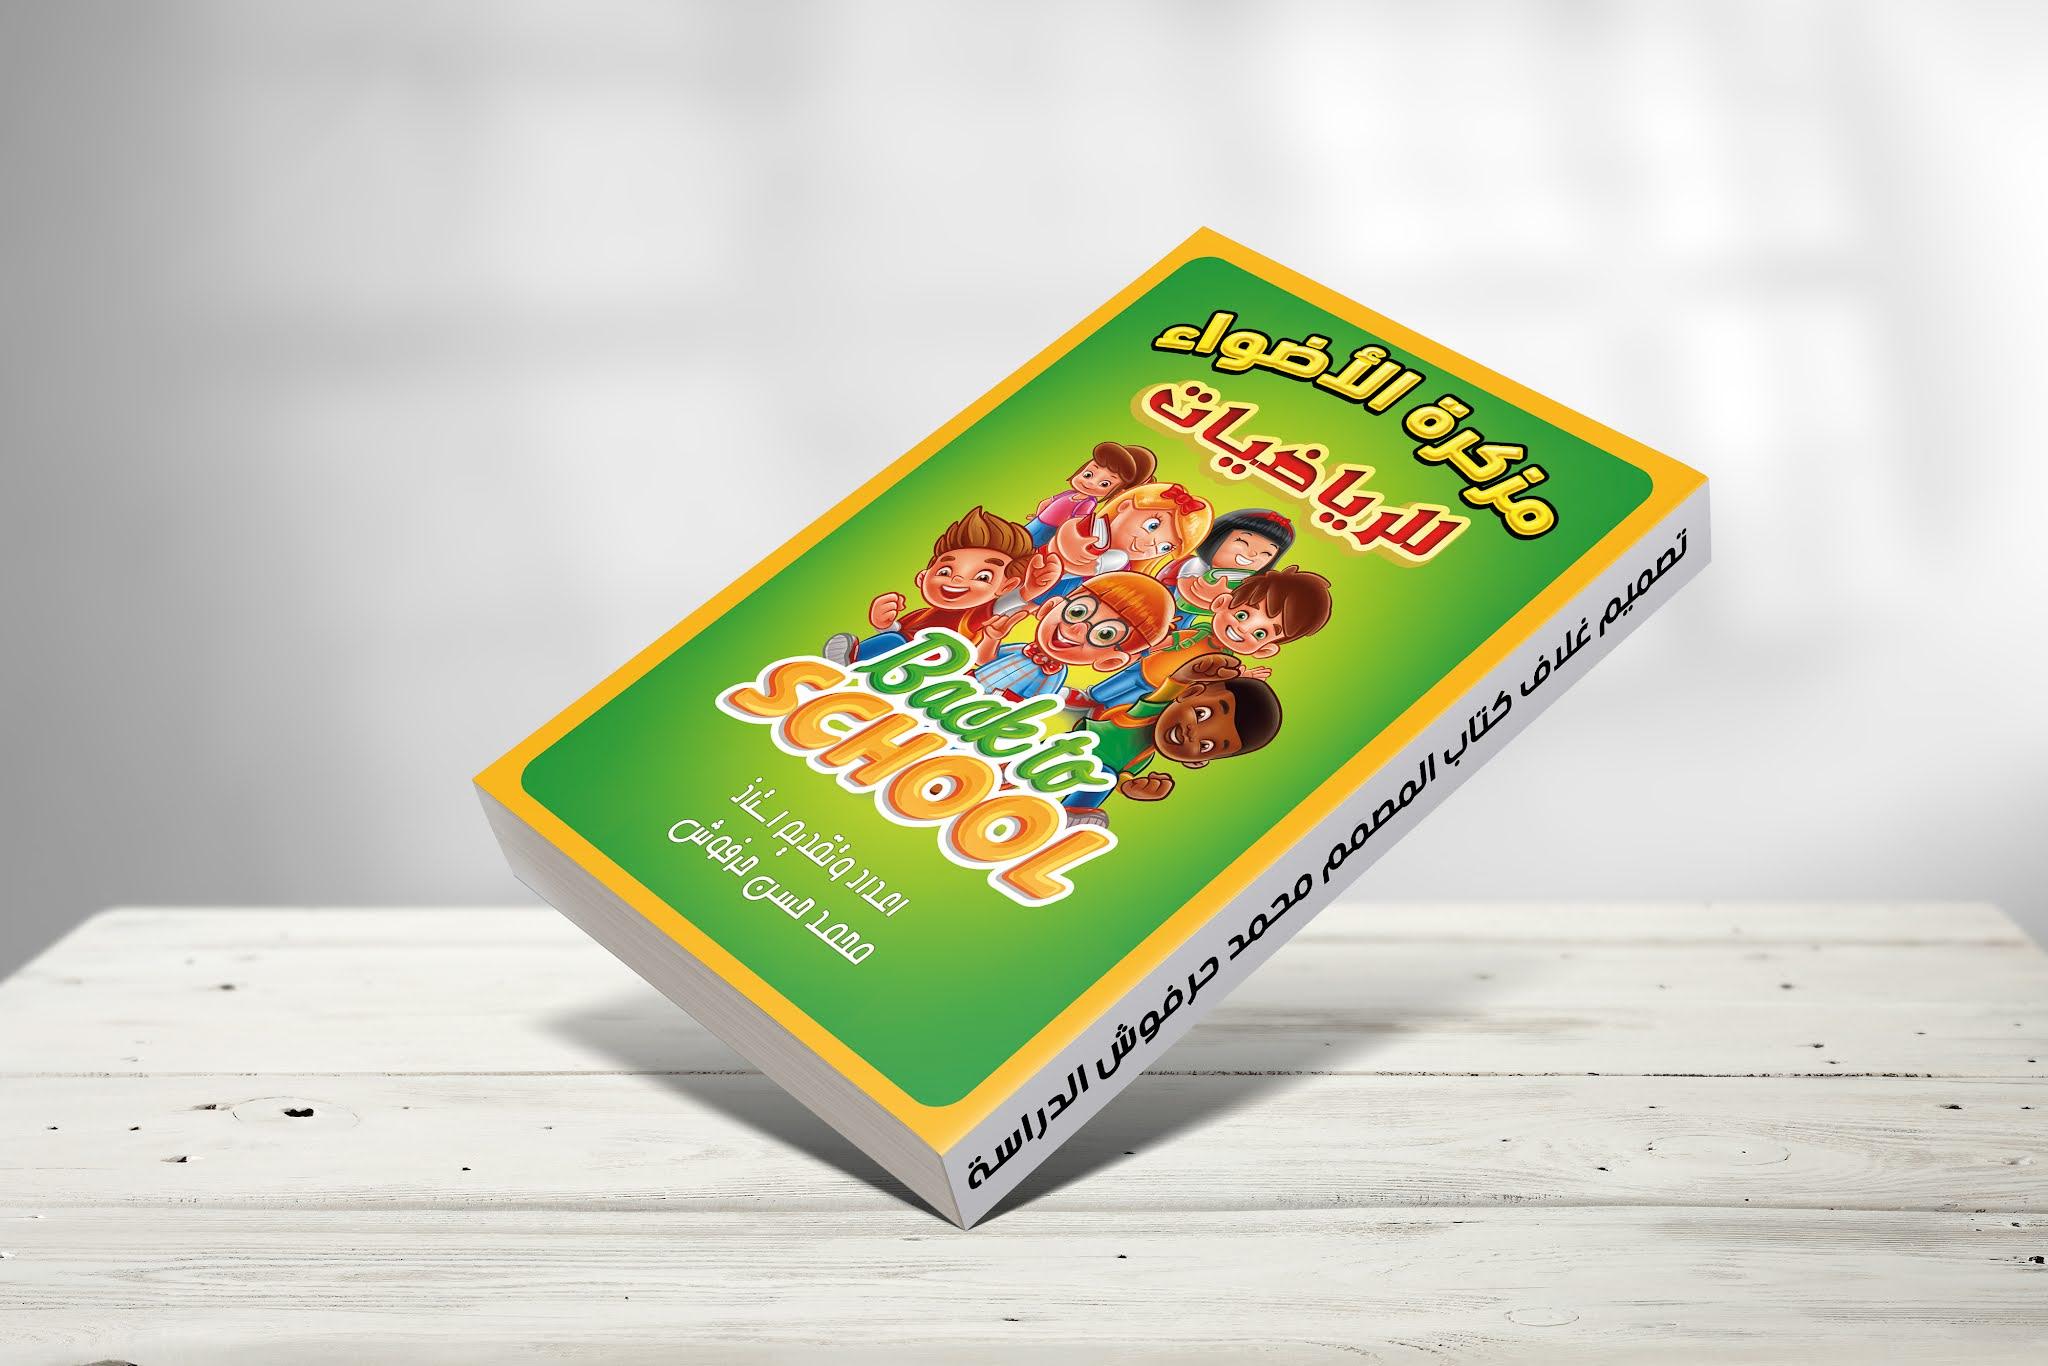 تحميل مجانى غلاف كتاب ومذكرة فى الرياضيات ومواد اخرى